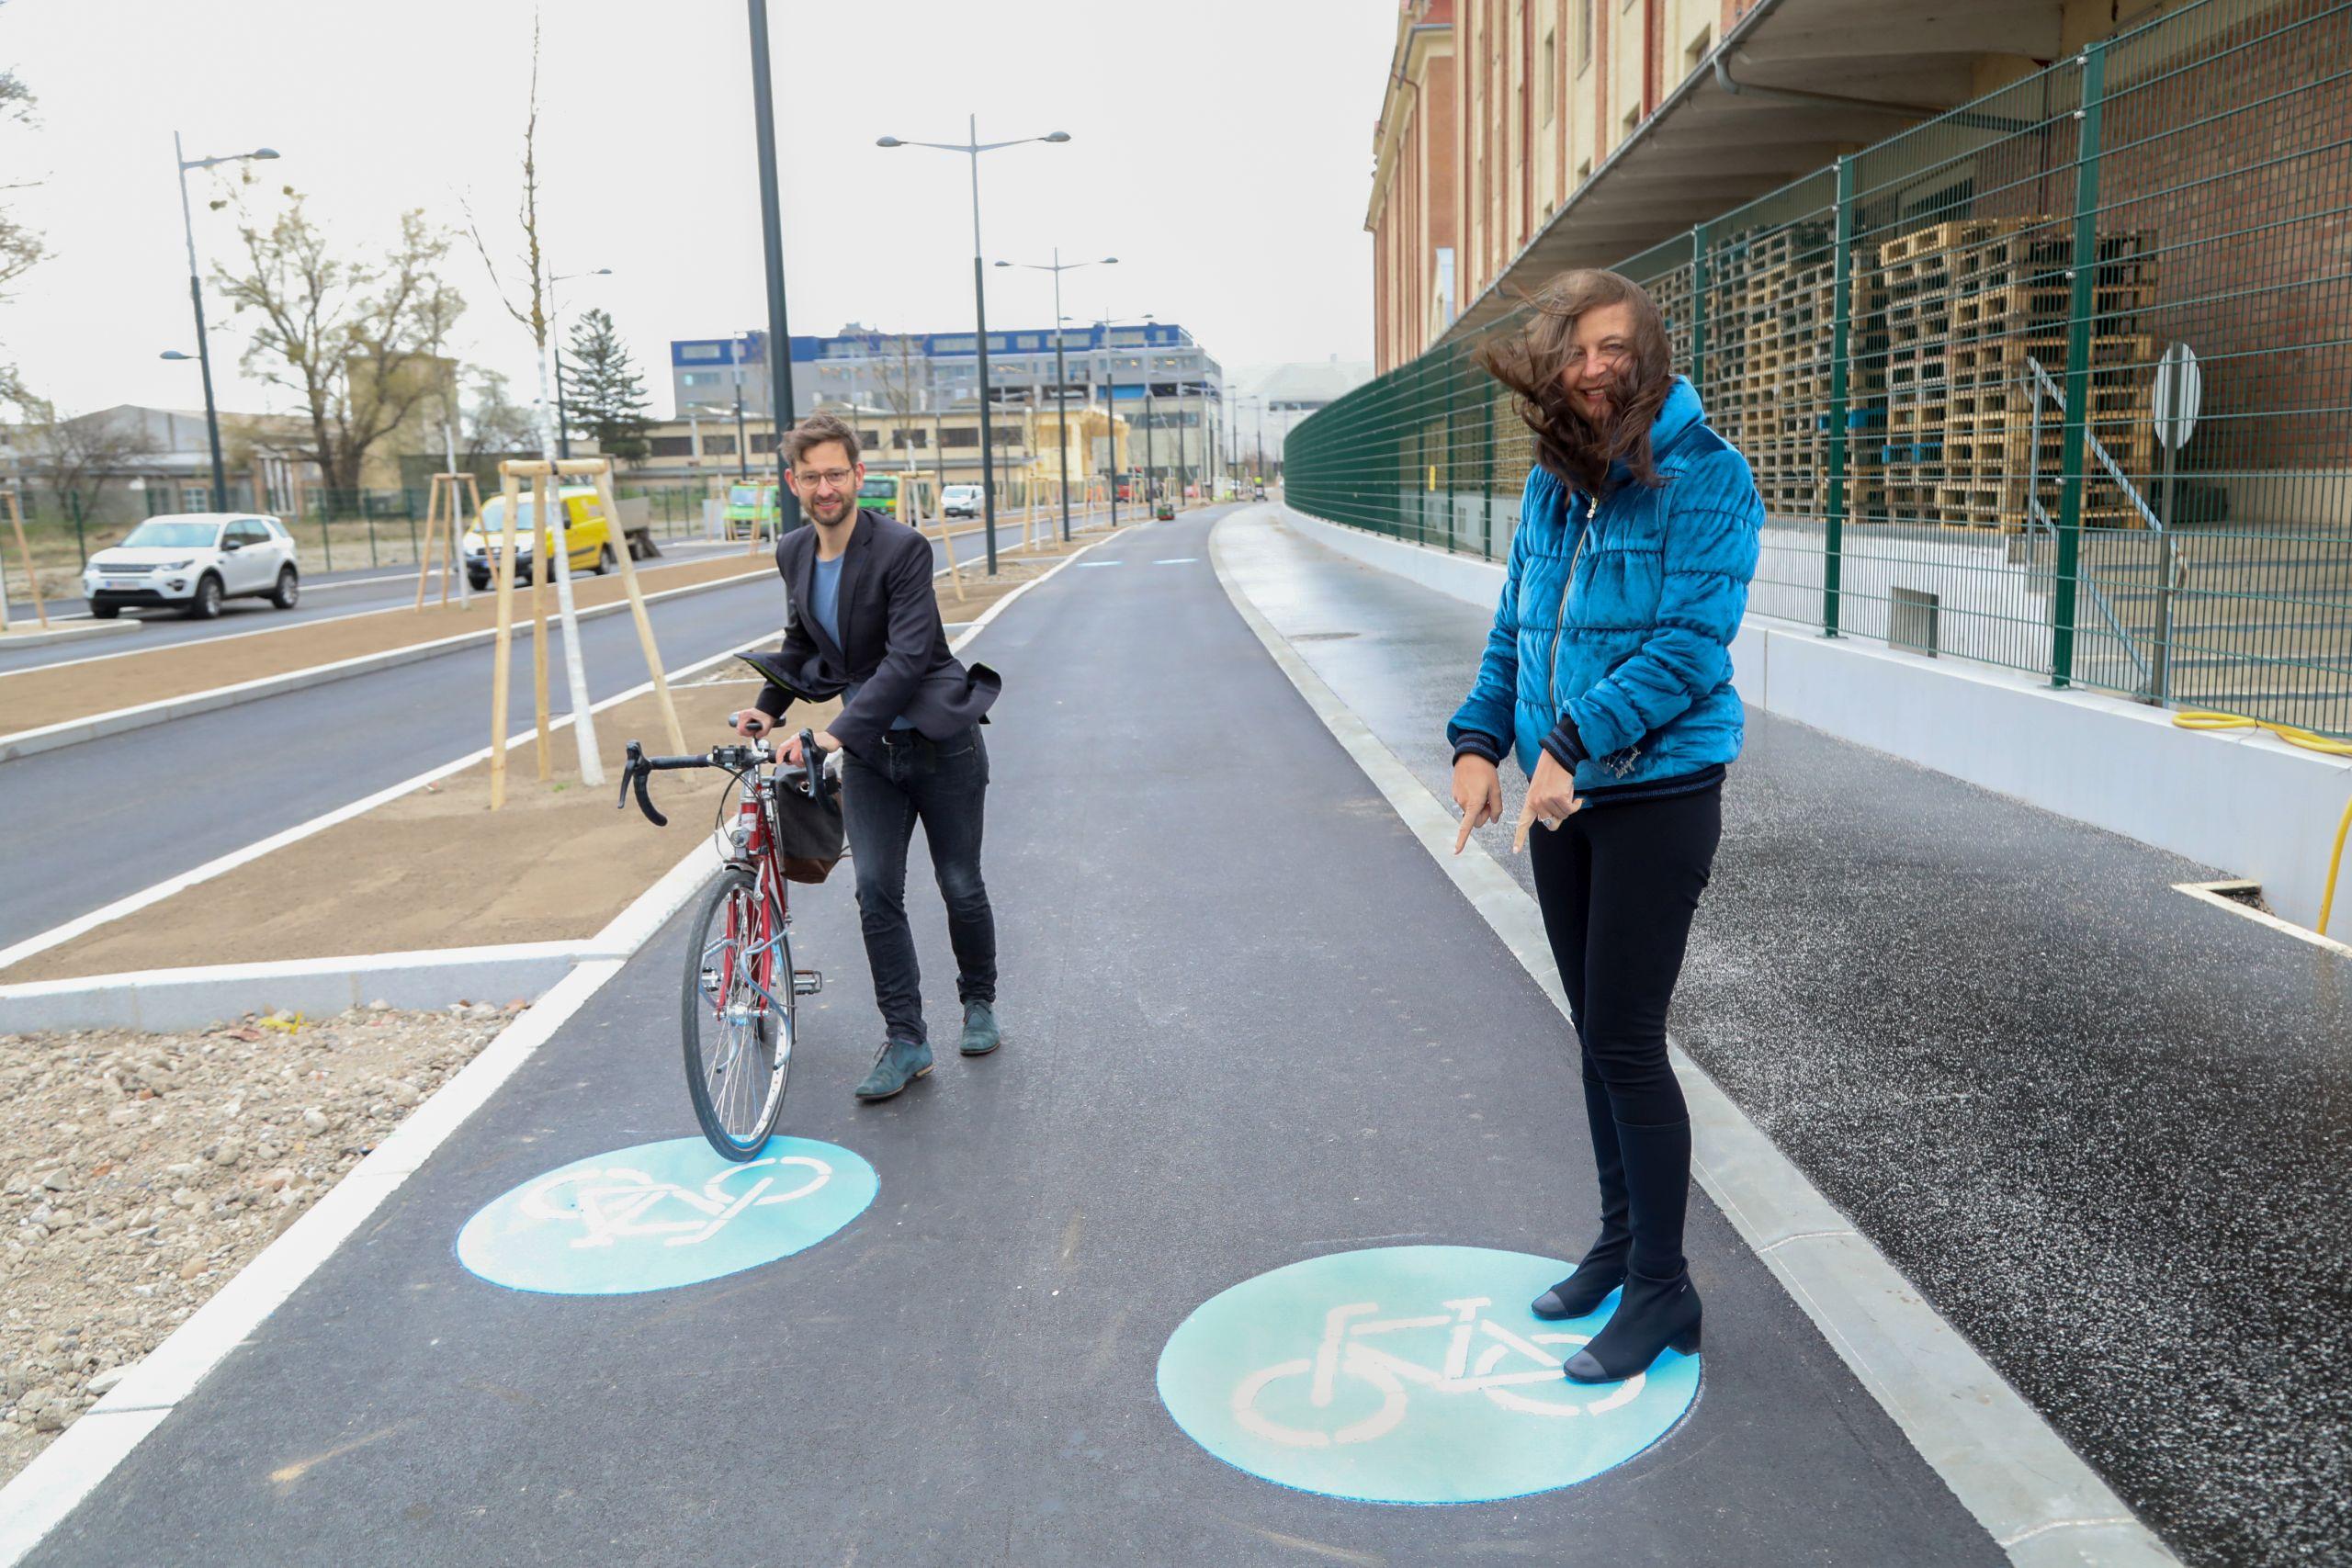 Radverkehrsbeauftragter Martin Blum und Mobilitätsstadträtin Ulli Sima am neuen Radweg in der Franz-Grill-Straße (© PID/Christian Fürthner)